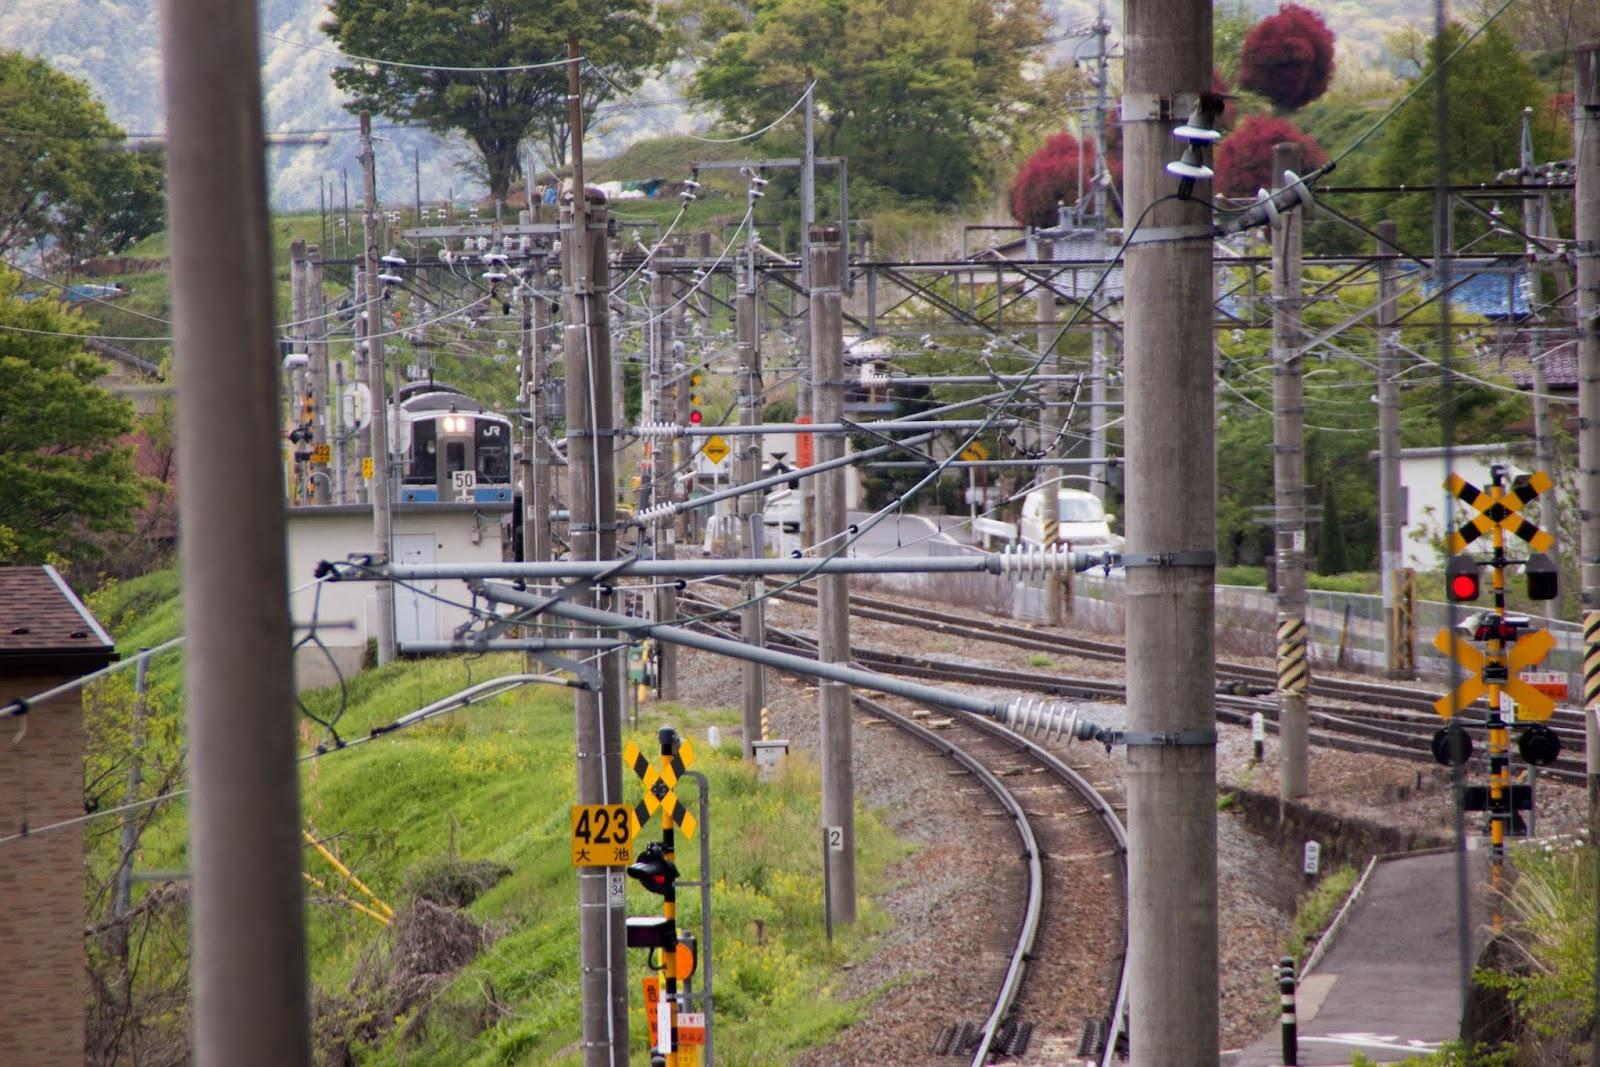 13:15 駅を出た列車が松本方面に戻って